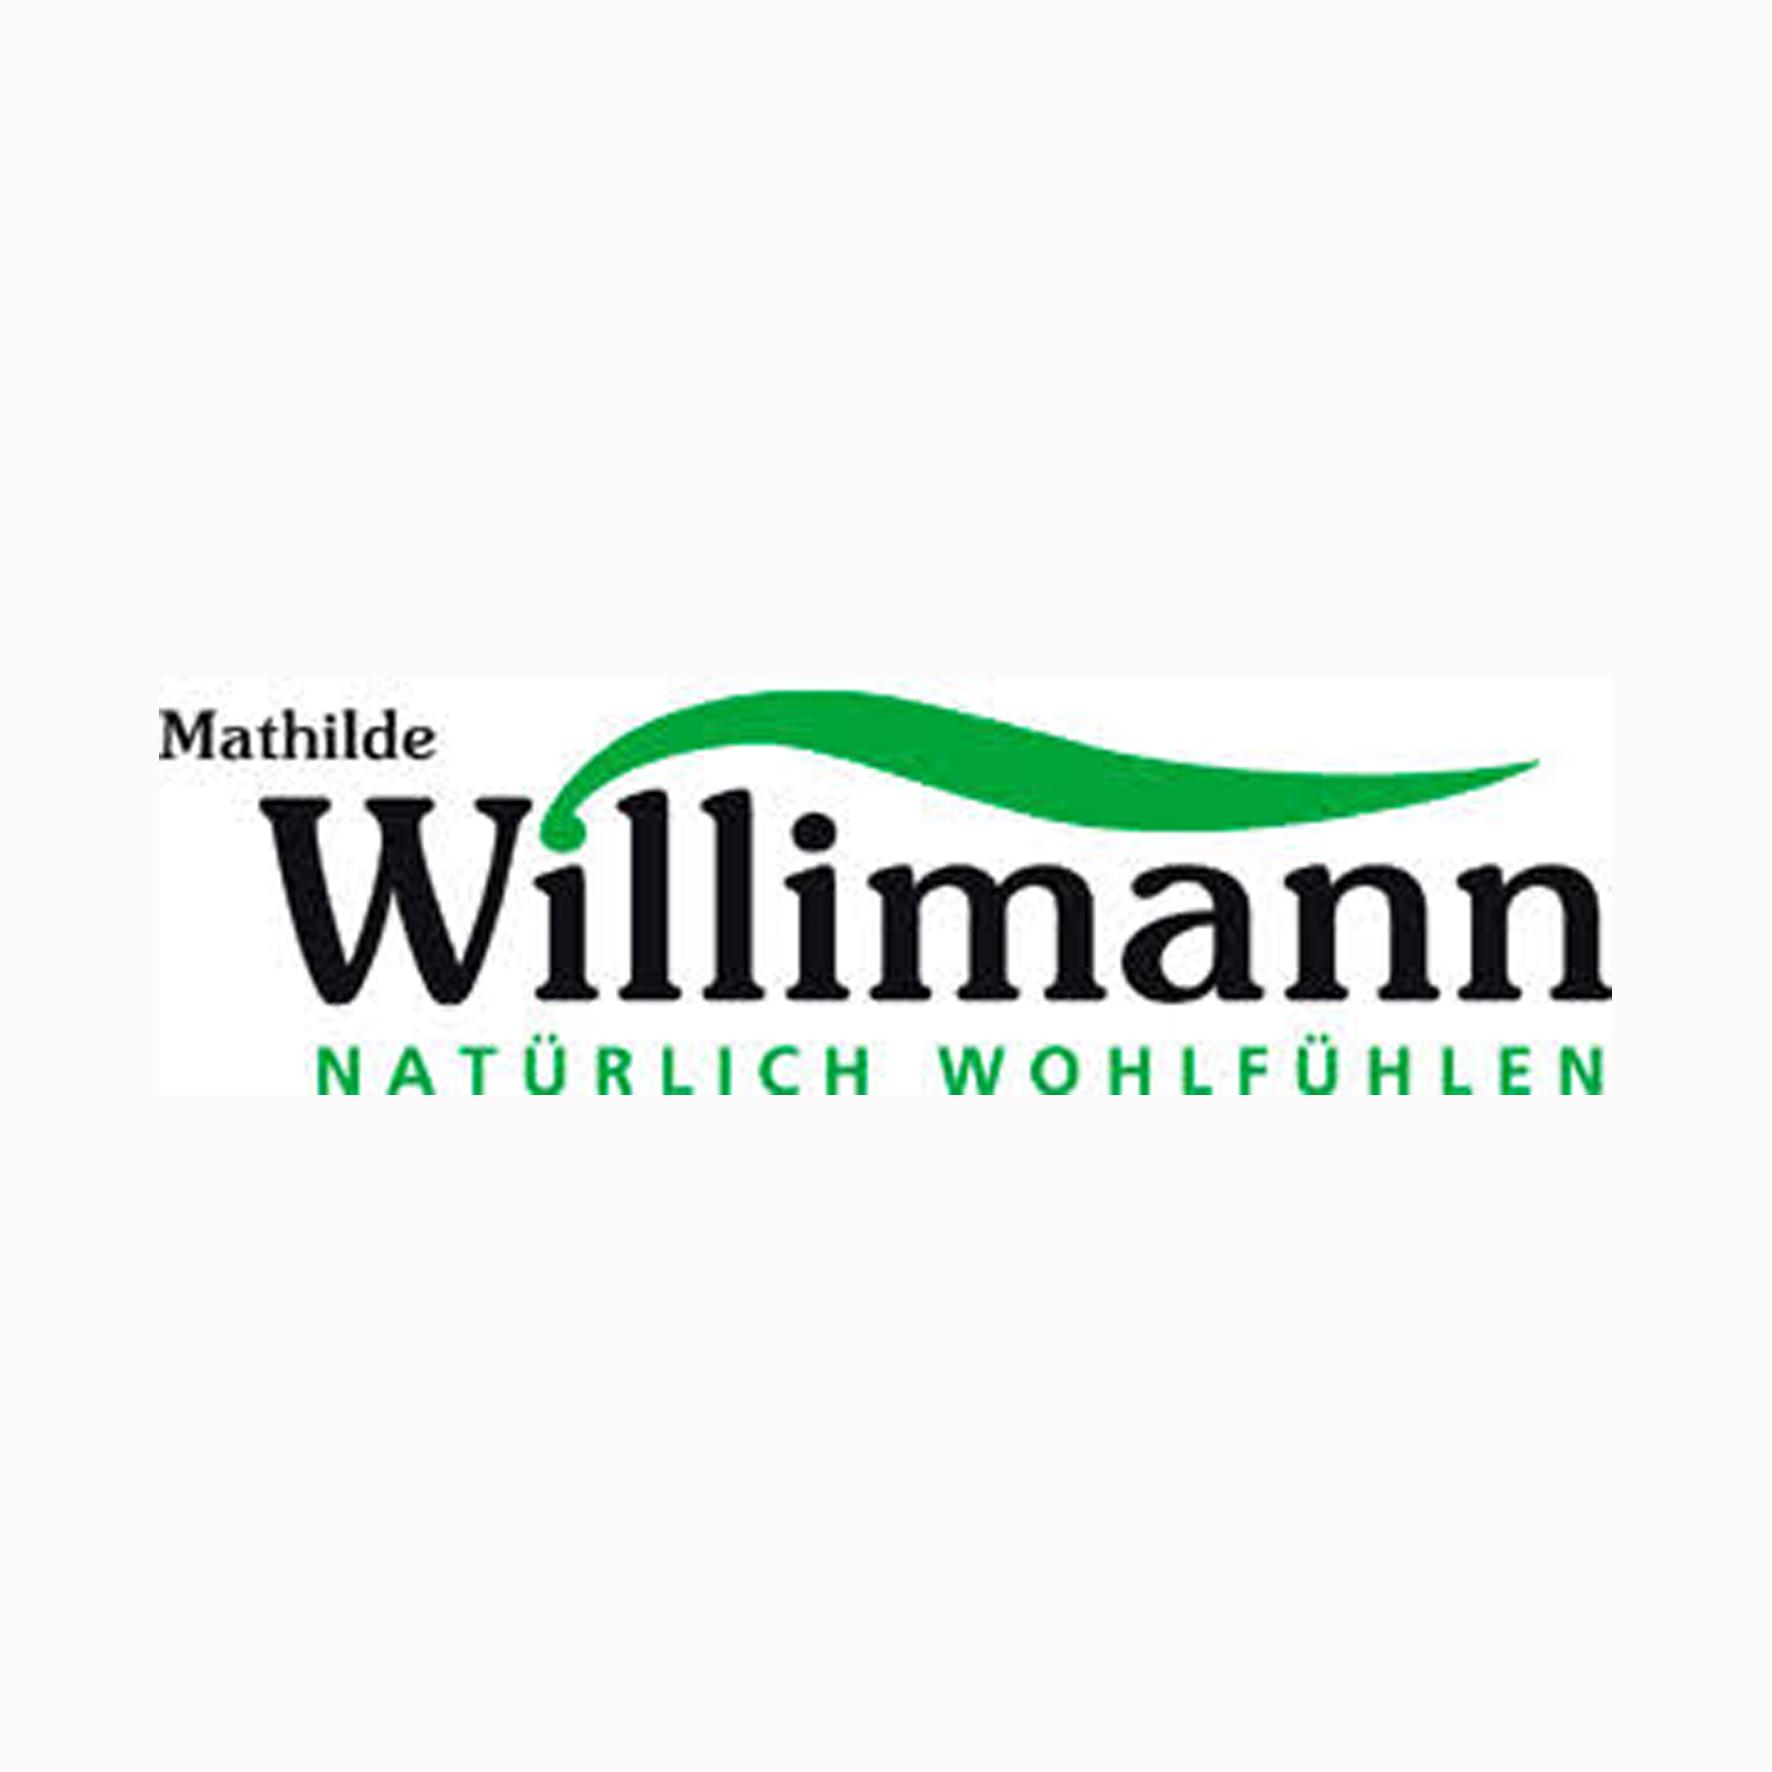 Willimann.jpg